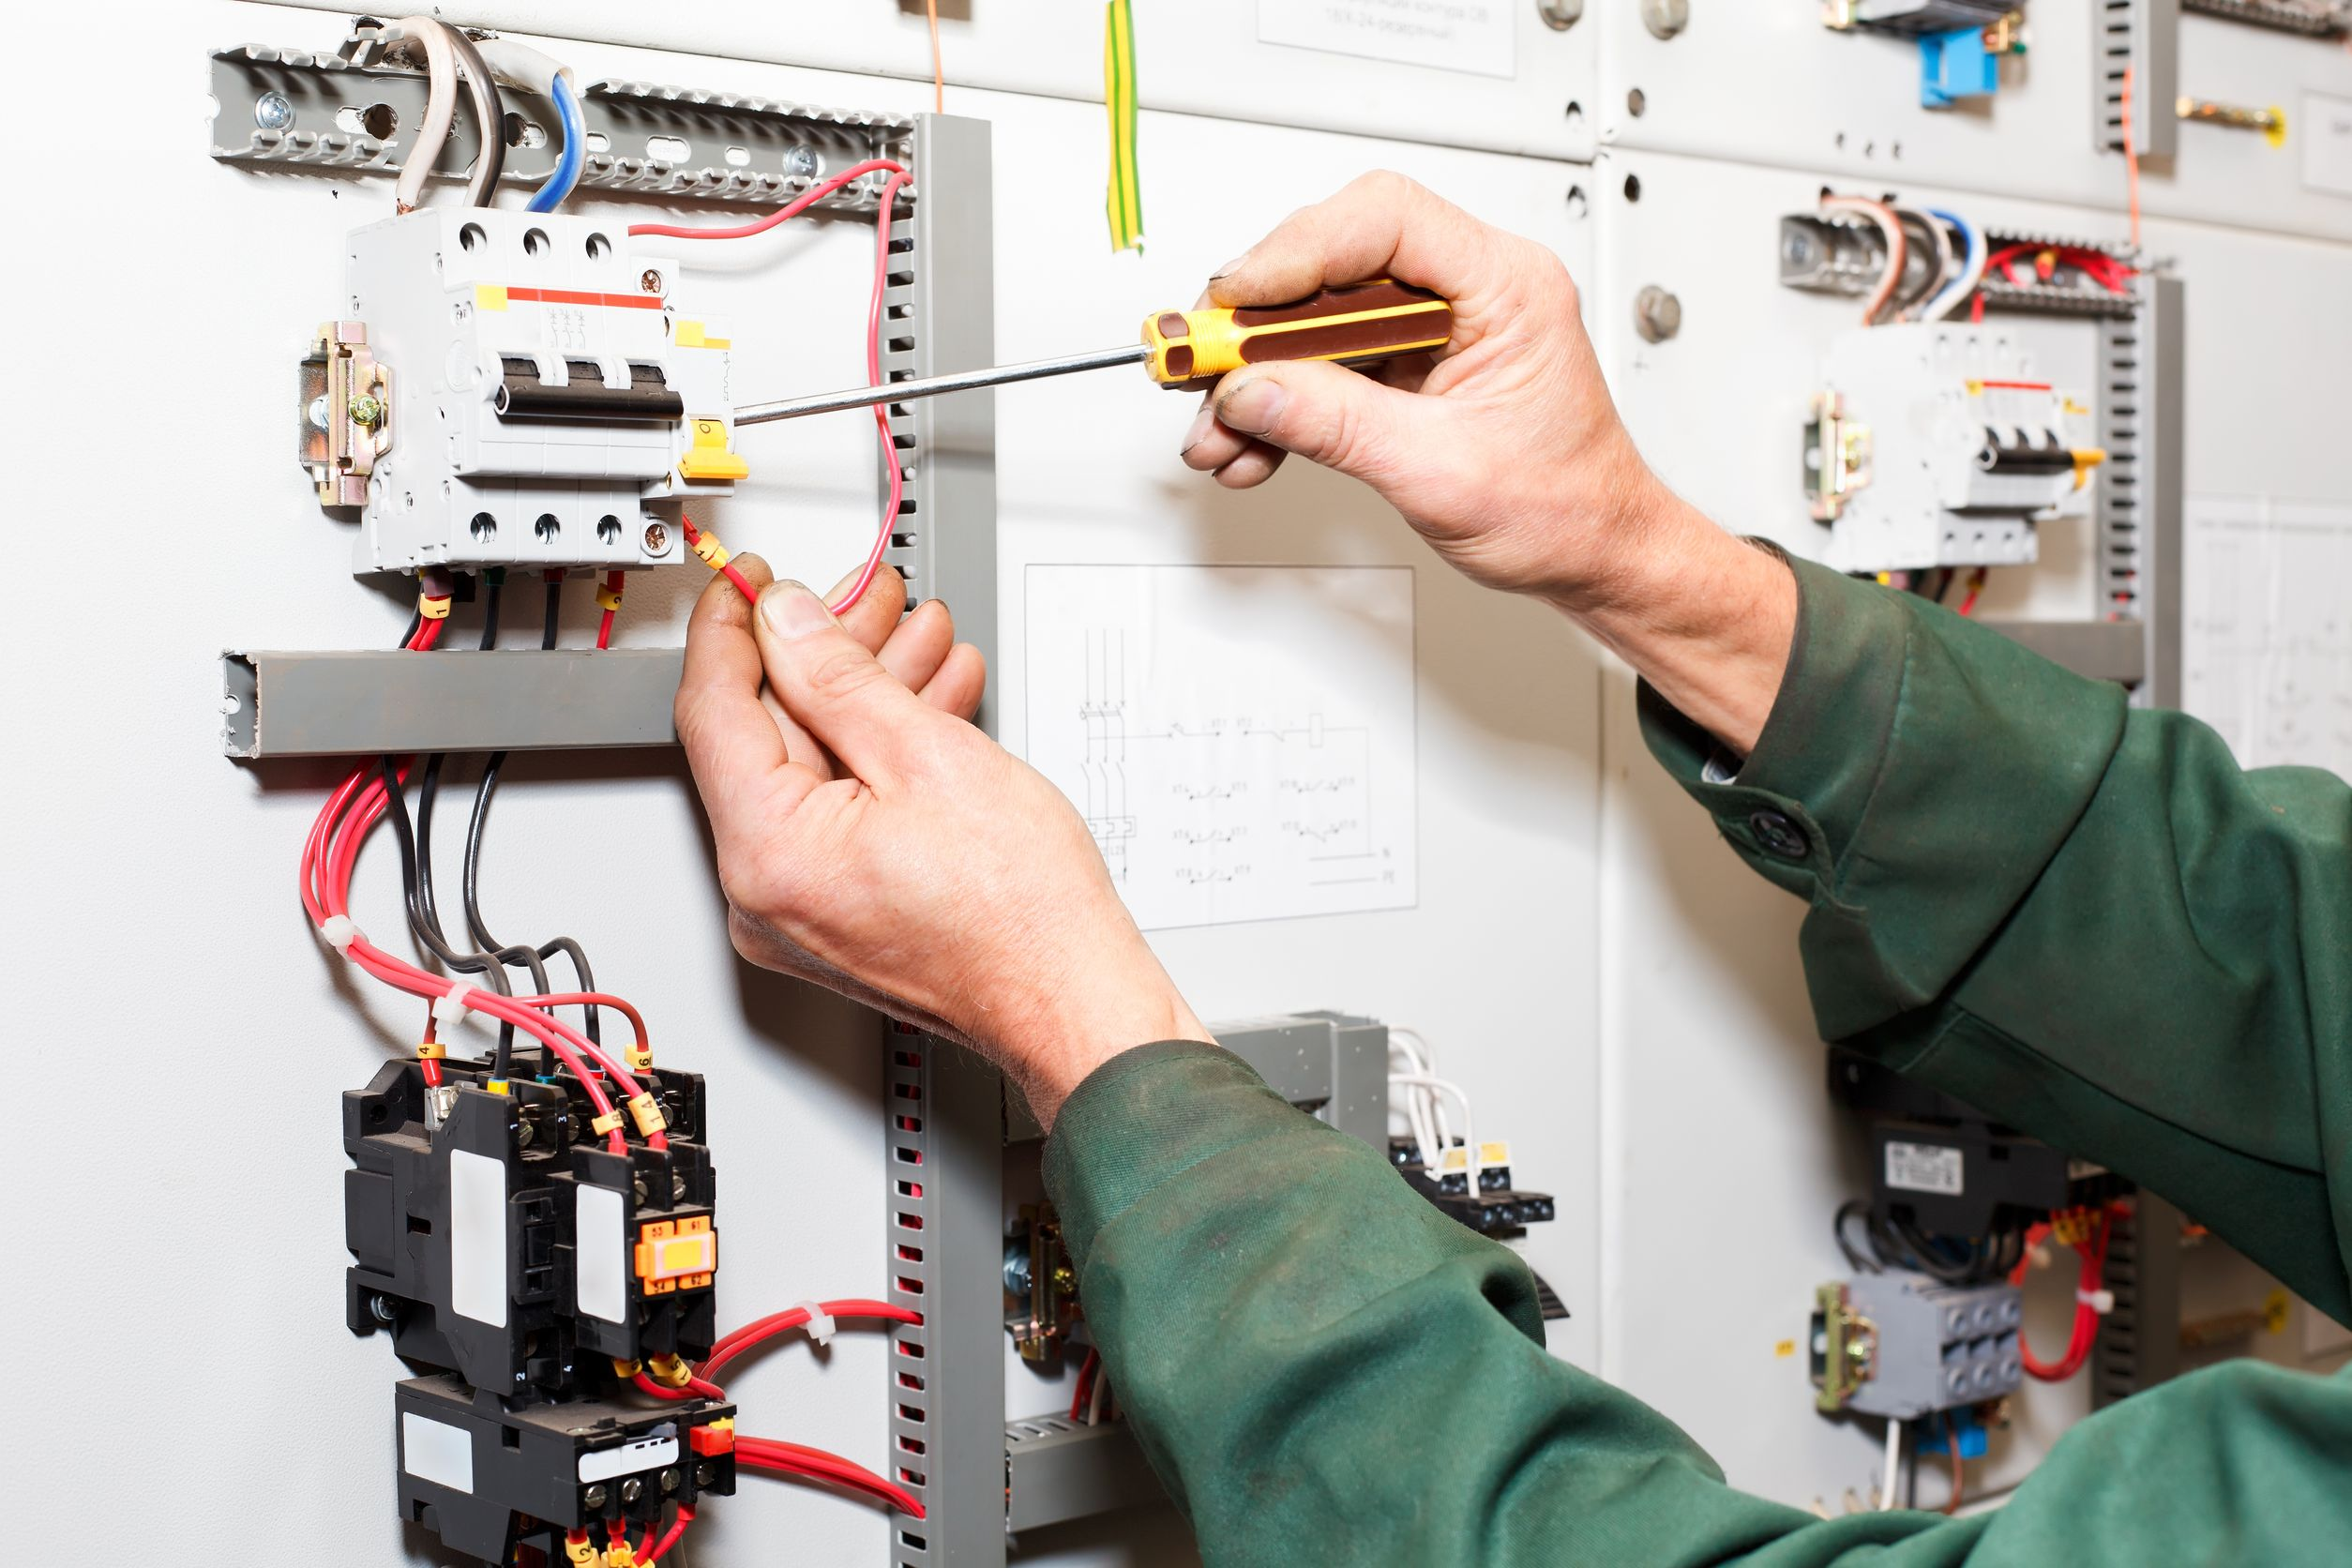 cum să faci bani pentru un electrician metoda de a câștiga bani pe recenziile de opțiuni binare